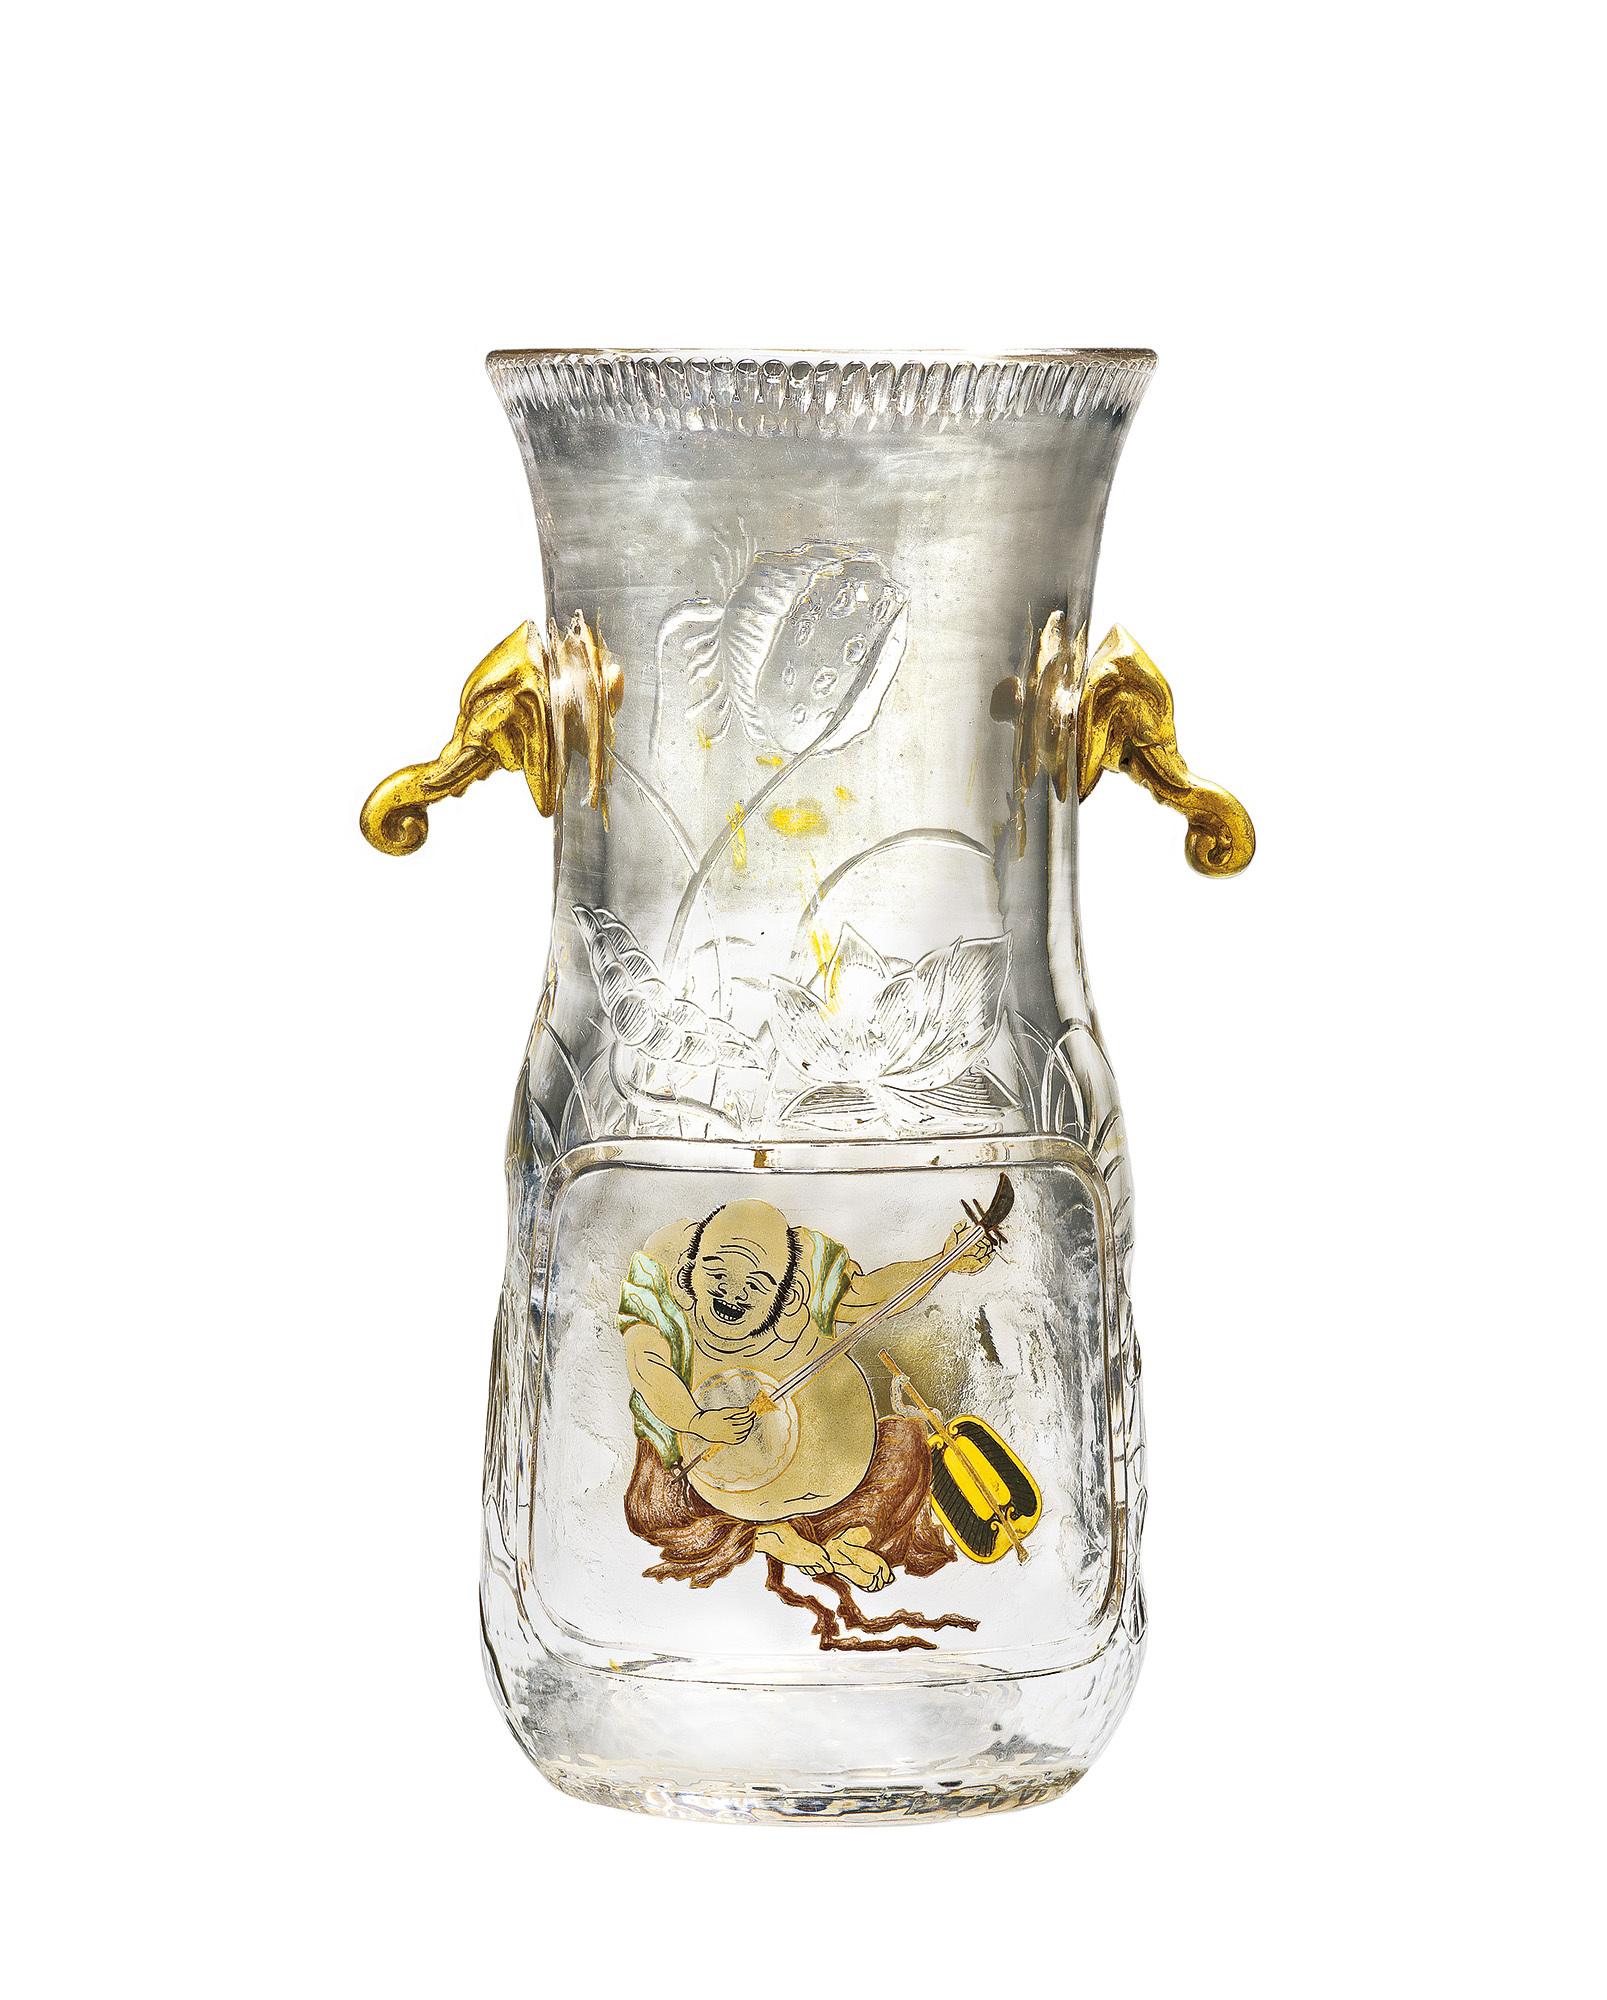 《象の頭の飾付花器》 1883-1885年頃 デザインおよび制作:不詳 販売:パニエ兄弟商会エスカリエ・ド・クリスタル、パリ    デュッセルドルフ美術館蔵    ⒸMuseum Kunstpalast, Düsseldorf, Foto:Studio Fuis-ARTOTHEK